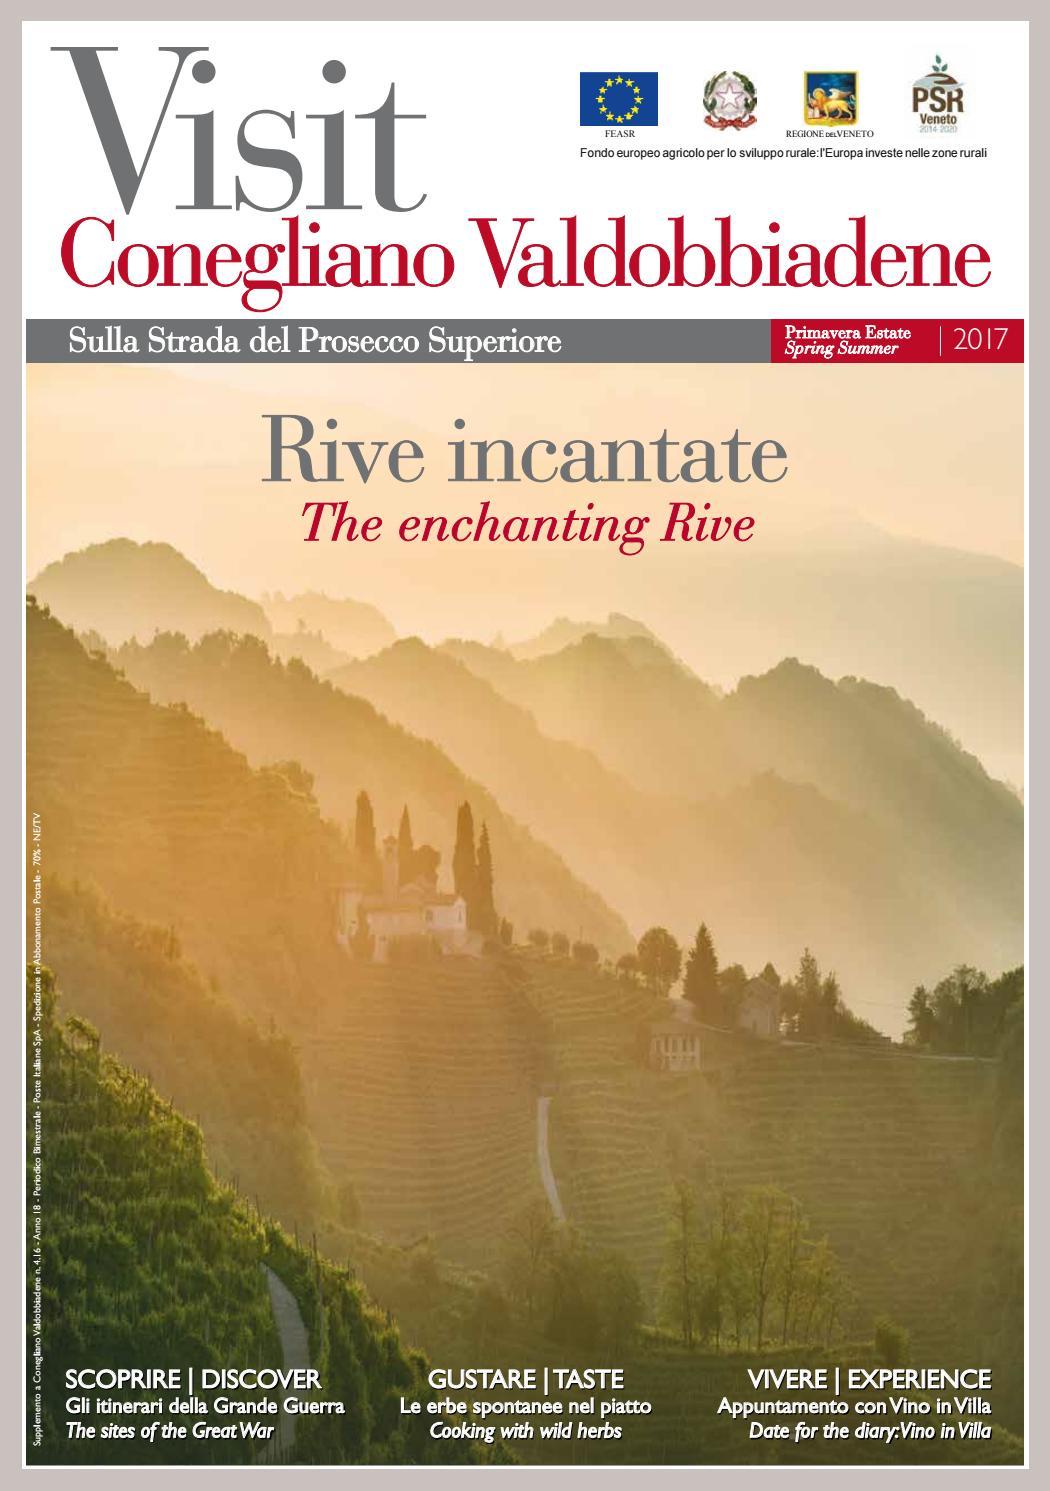 Calendario Podismo Veneto Ottobre 2020.Visit Conegliano Valdobbiadene Pe 2017 By Conegliano